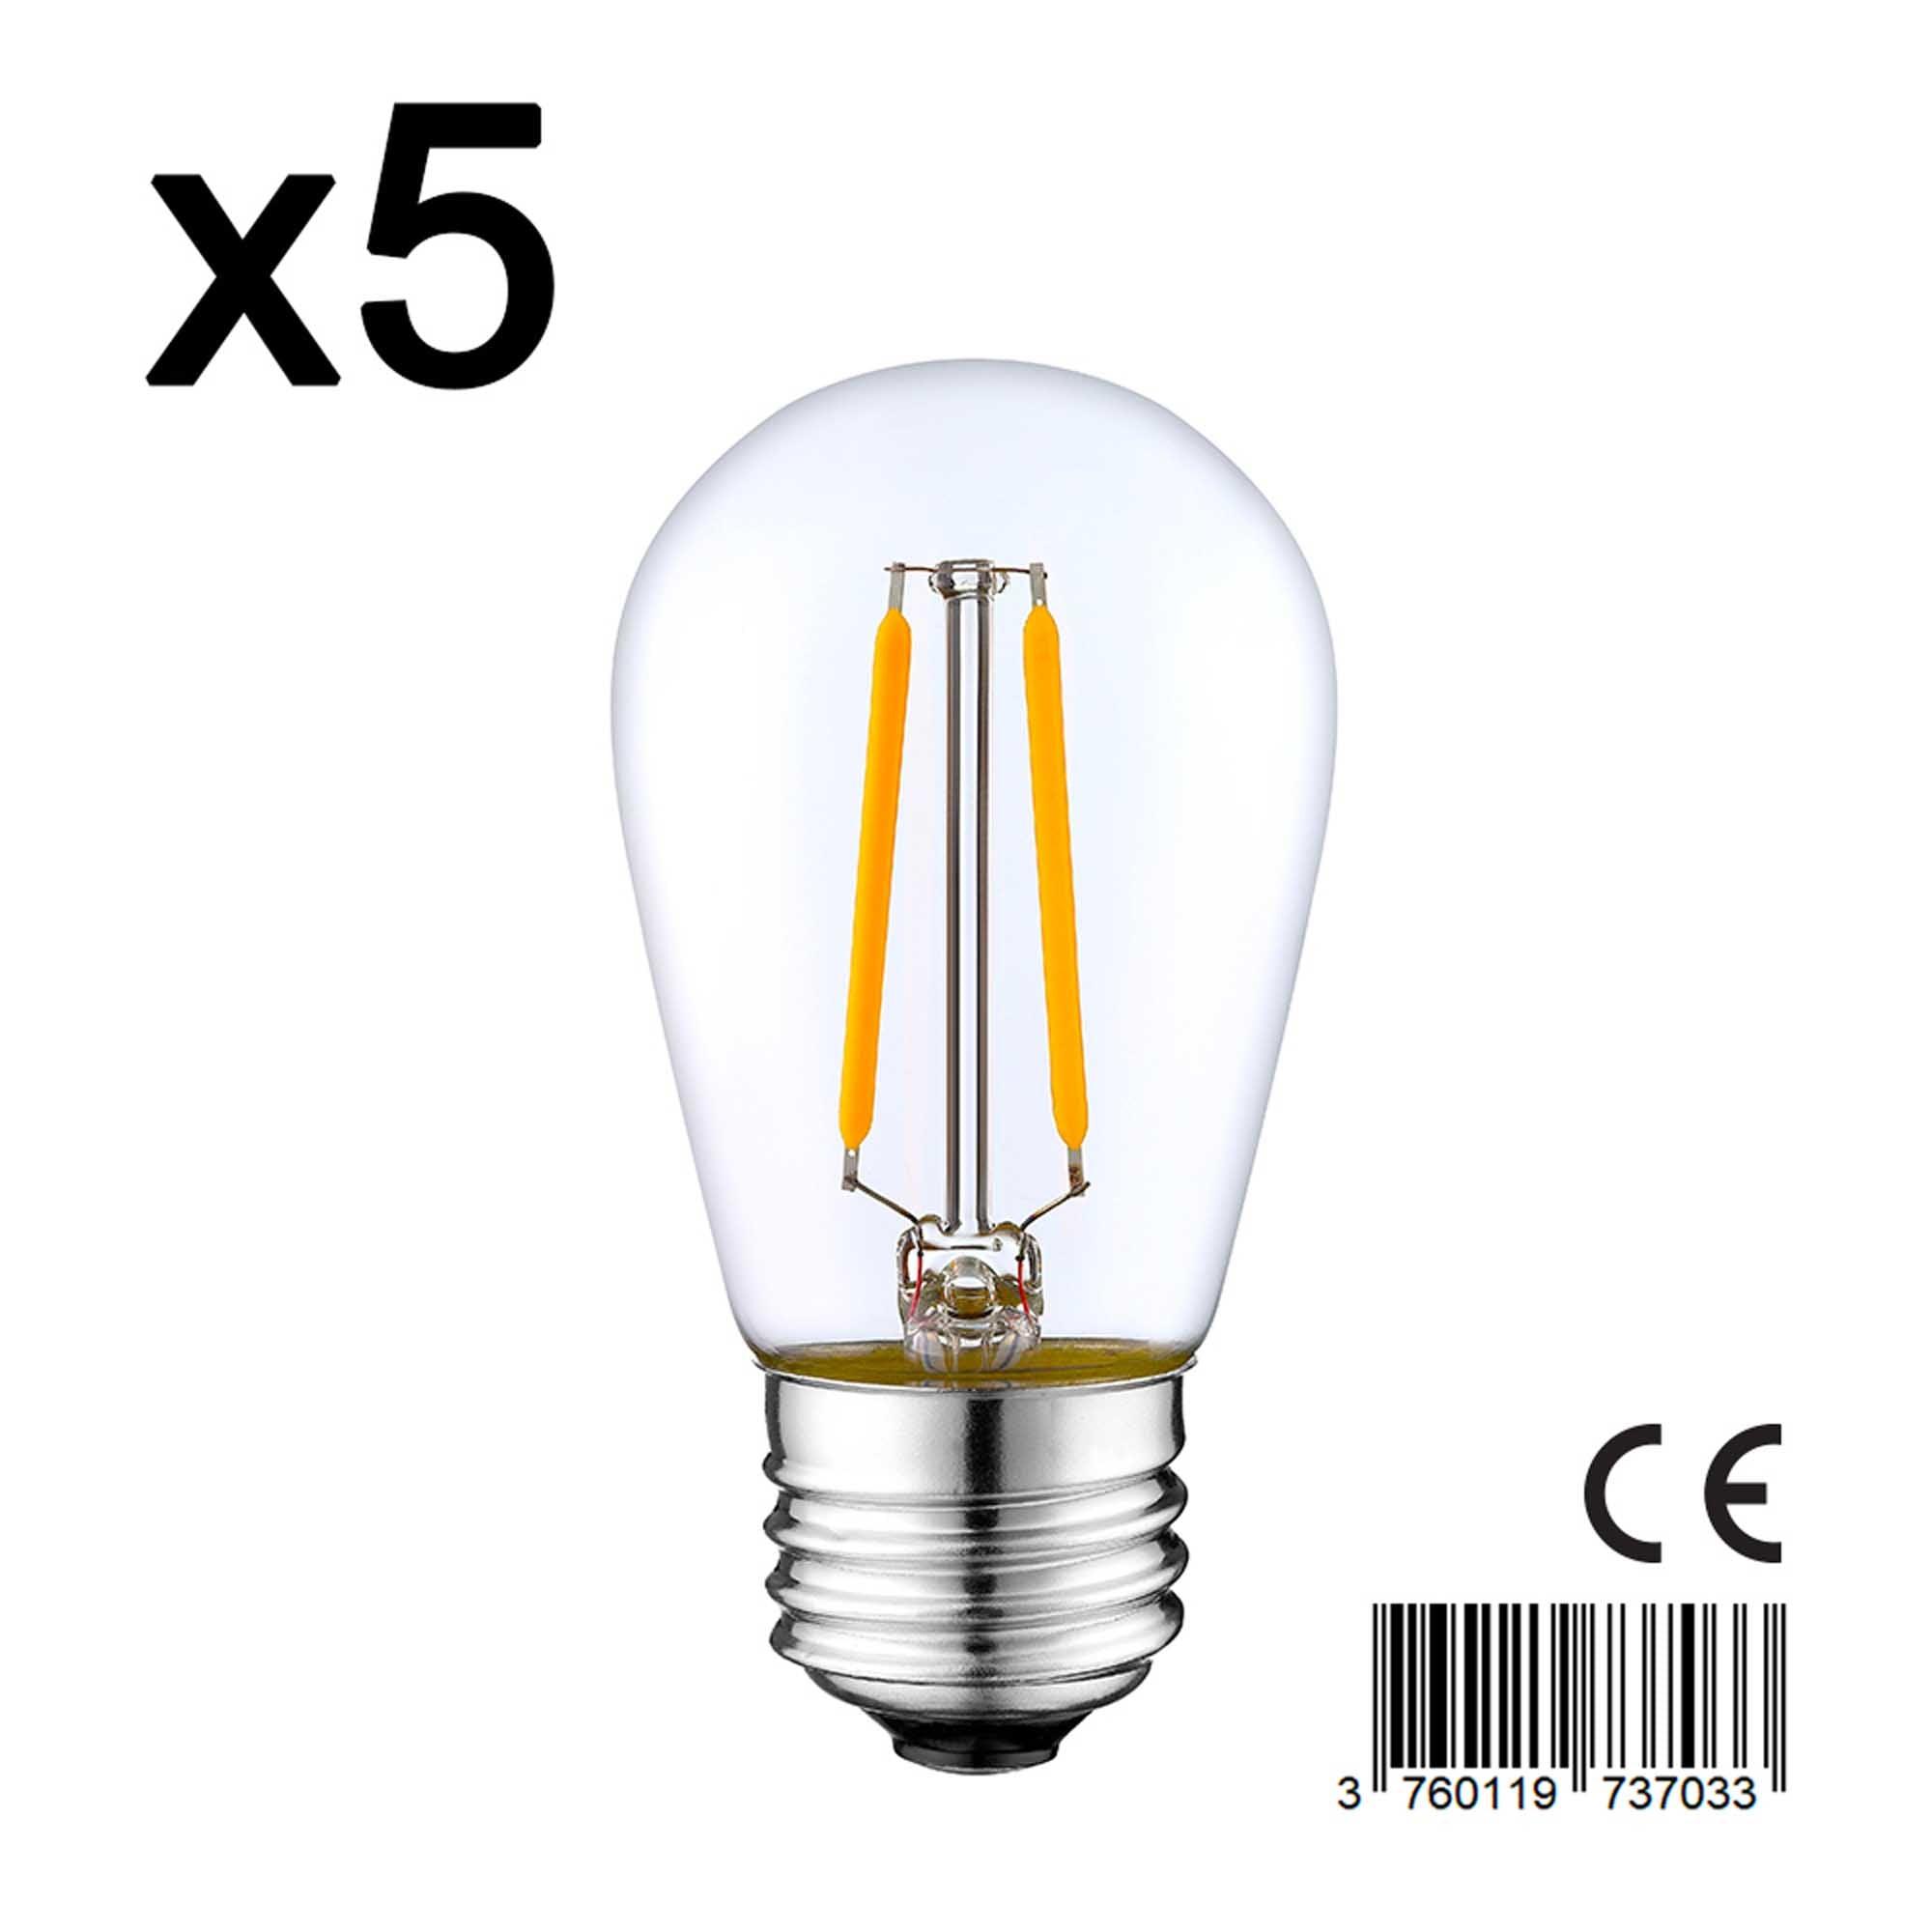 Lot de 5 ampoules filament LED E27 blanc chaud E27 S45 2W H10cm